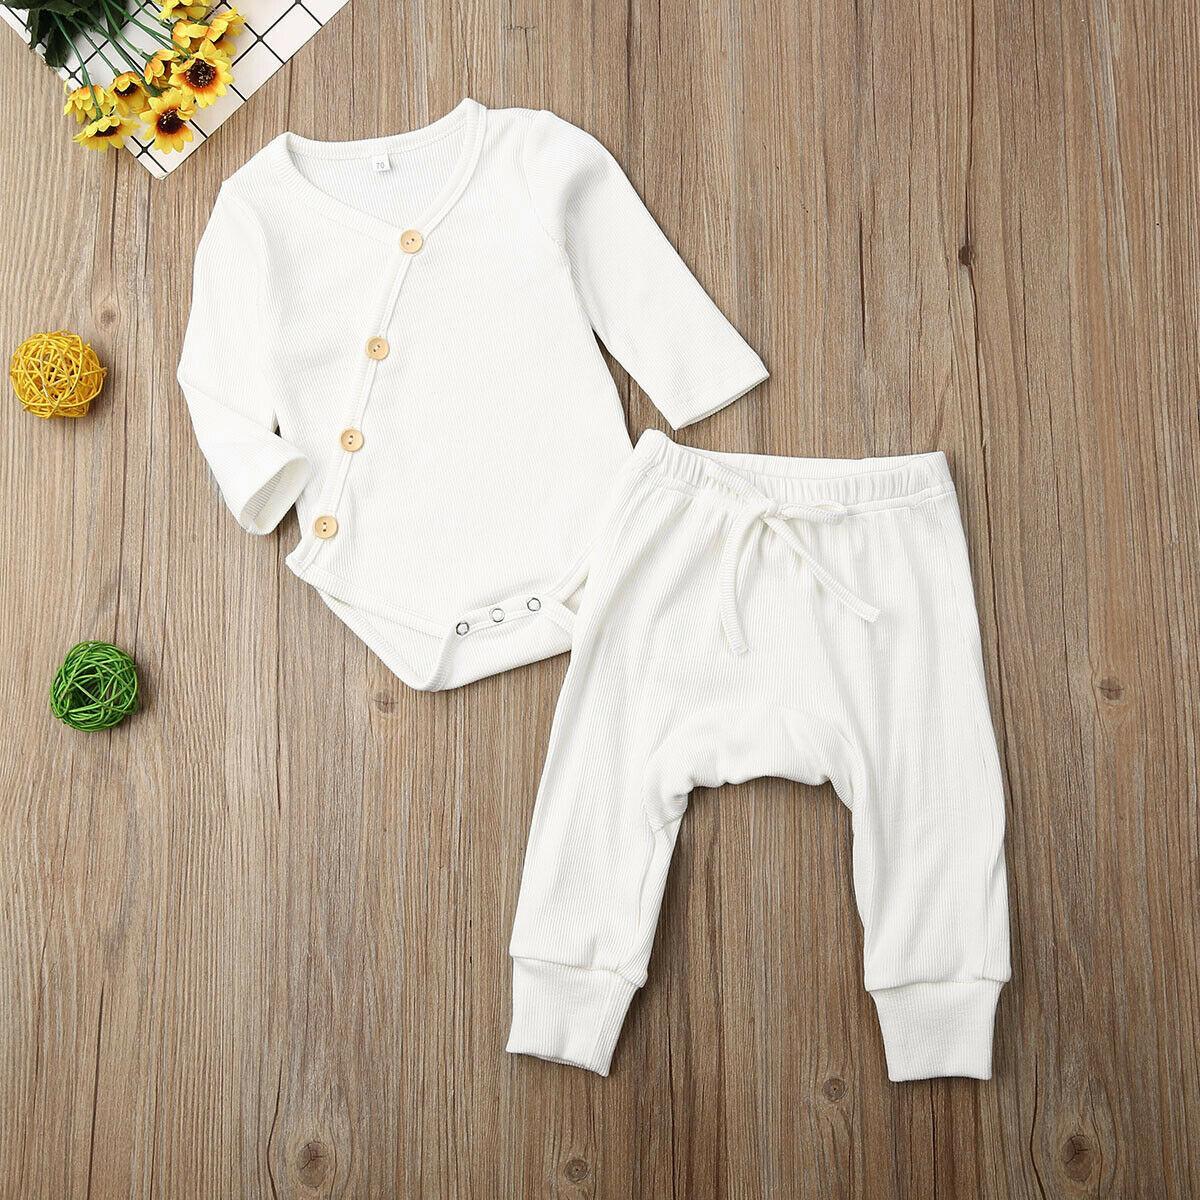 Baby Frühling Herbst Kleidung Baby Jungen Kleidung Mädchen Langarm T Shirts Winter Hosen Infant Outfits Mädchen 2 stücke Set Jungen Trainingsanzüge